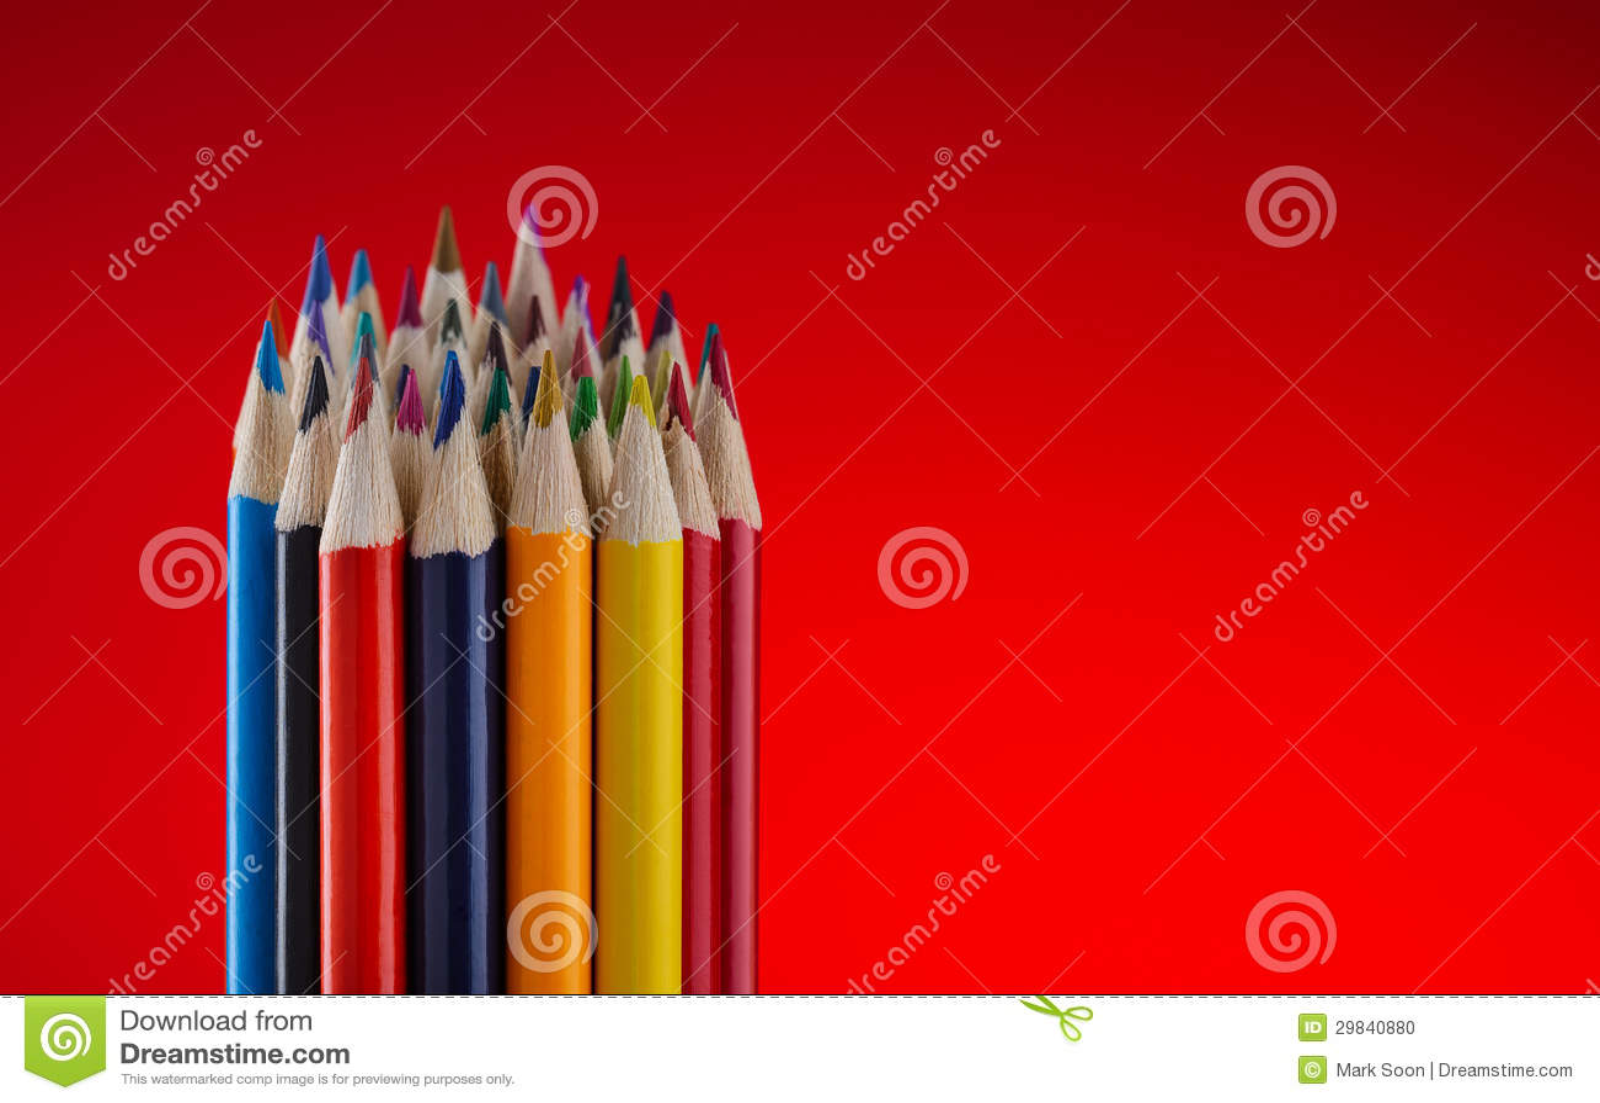 Lápis da cor no fundo vermelho